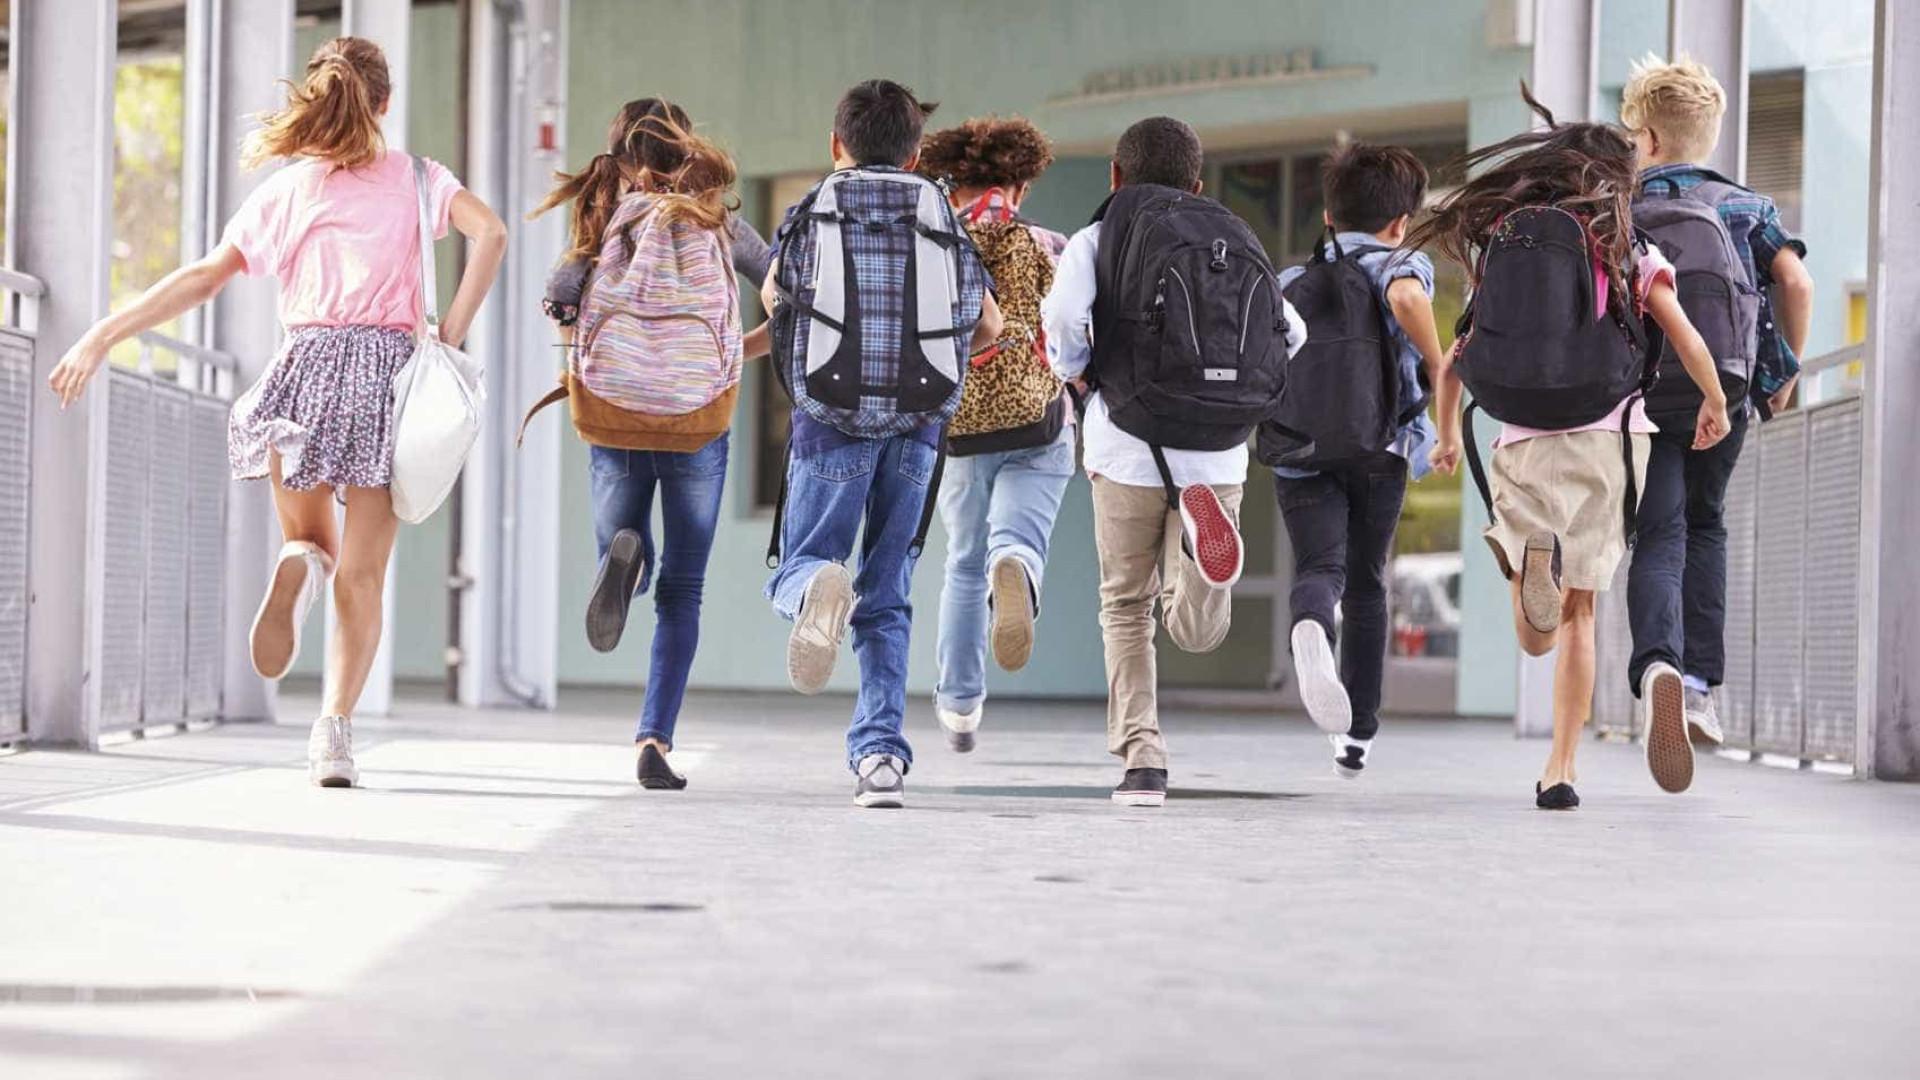 Greve: Muitos alunos sem aulas no Algarve nos vários ciclos de ensino